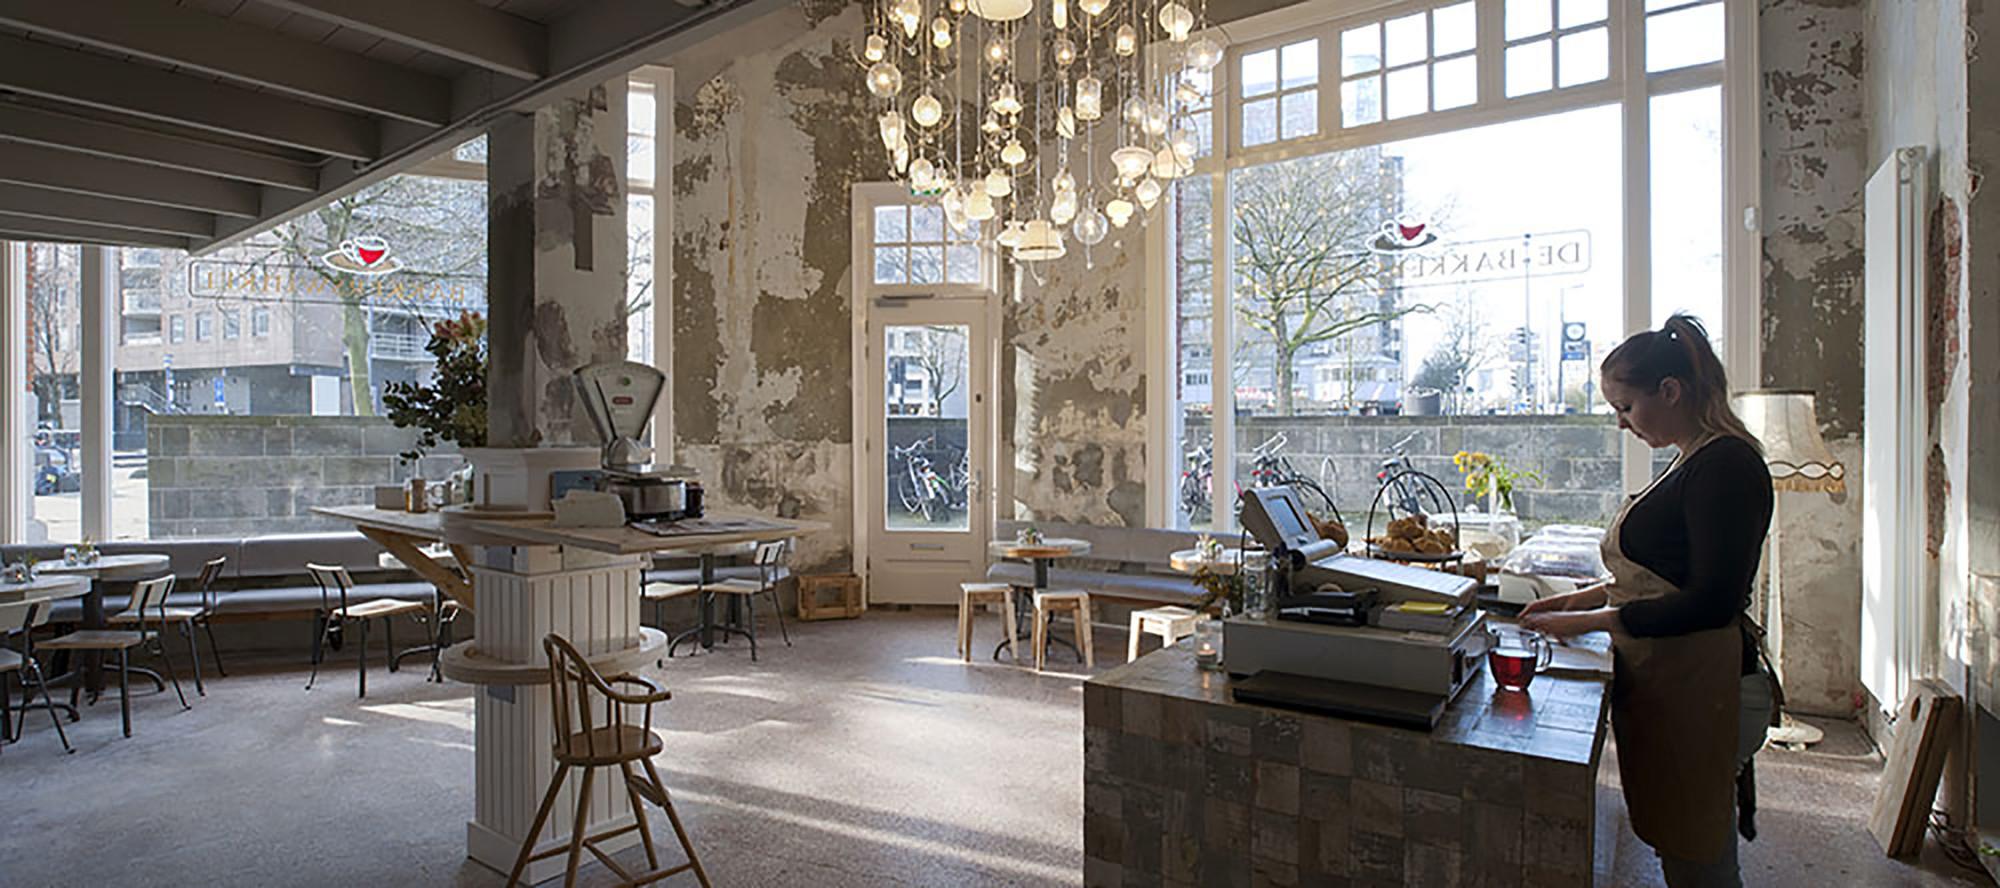 Spiksplinternieuw Bakkerswinkel / Piet Hein Eek | Plataforma Arquitectura CT-74